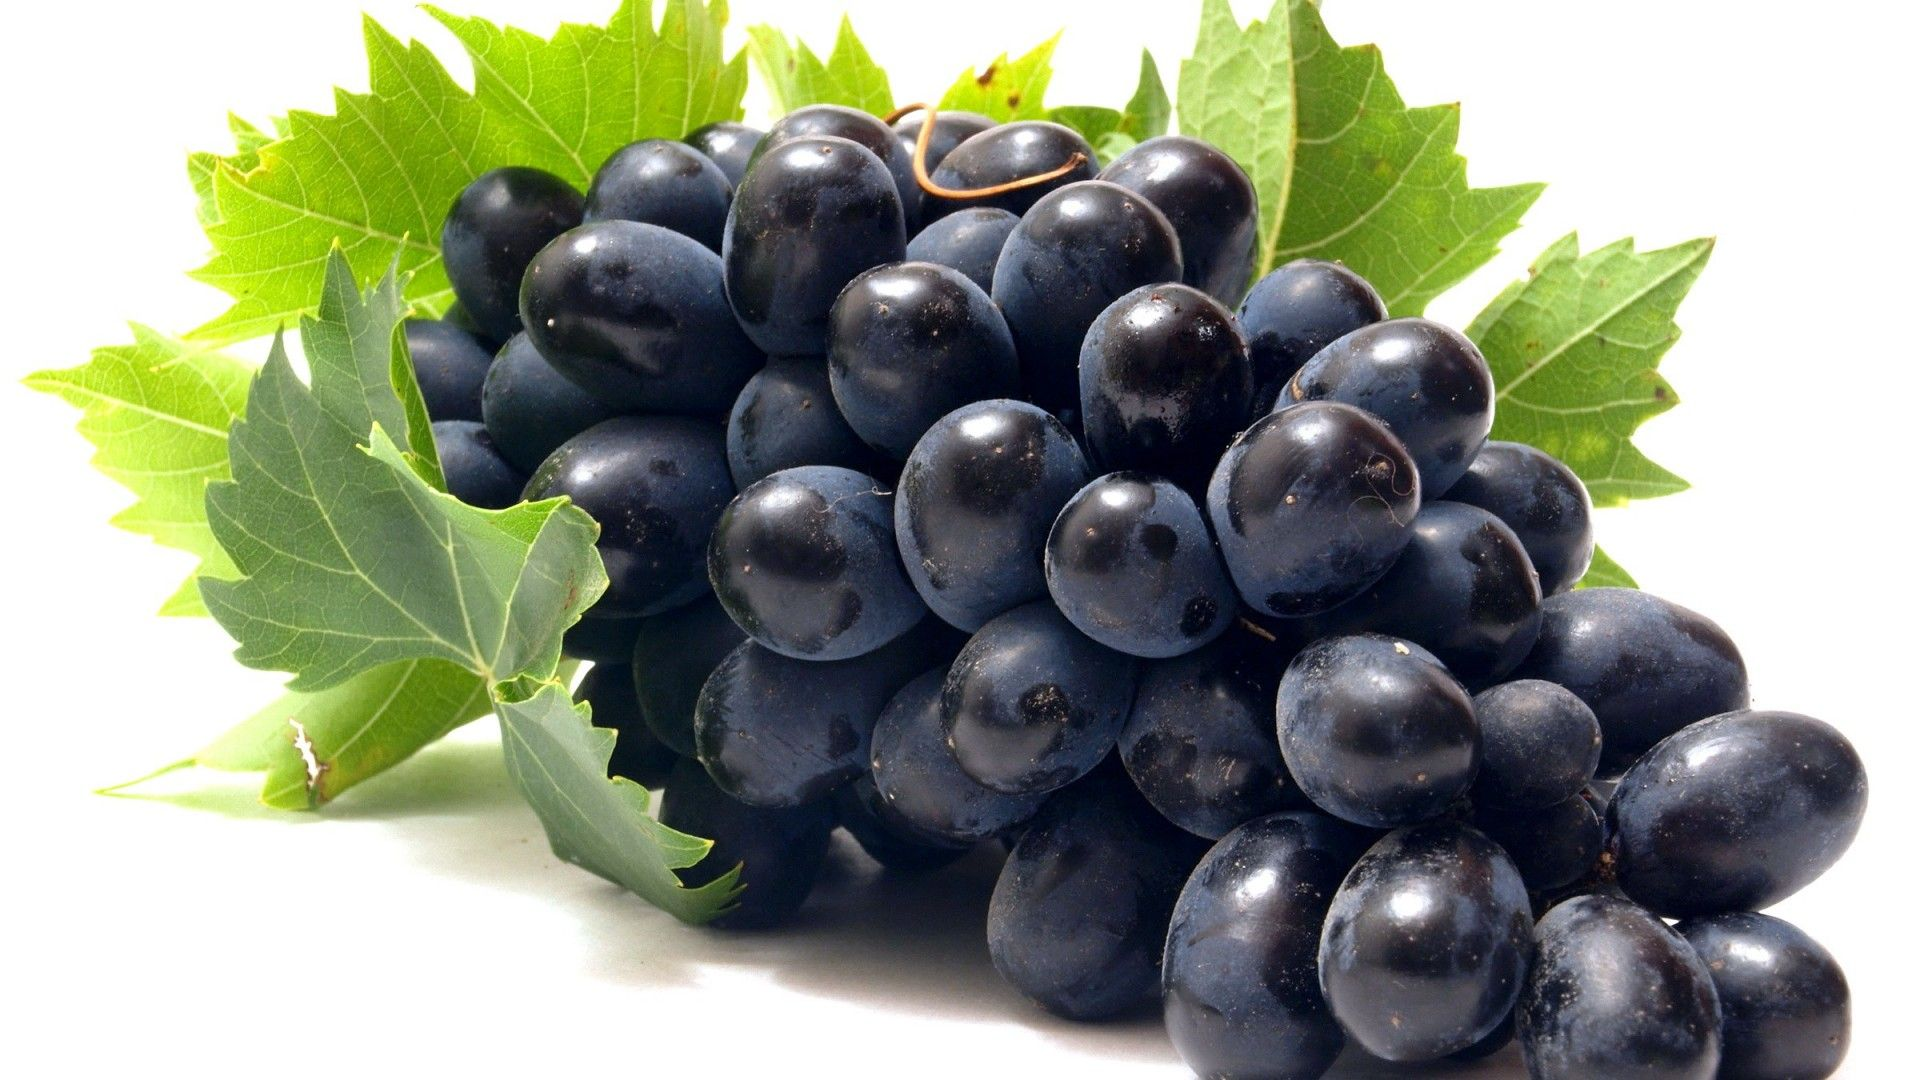 Trái cây bà bầu không nên ăn trong 3 tháng đầu là nho.